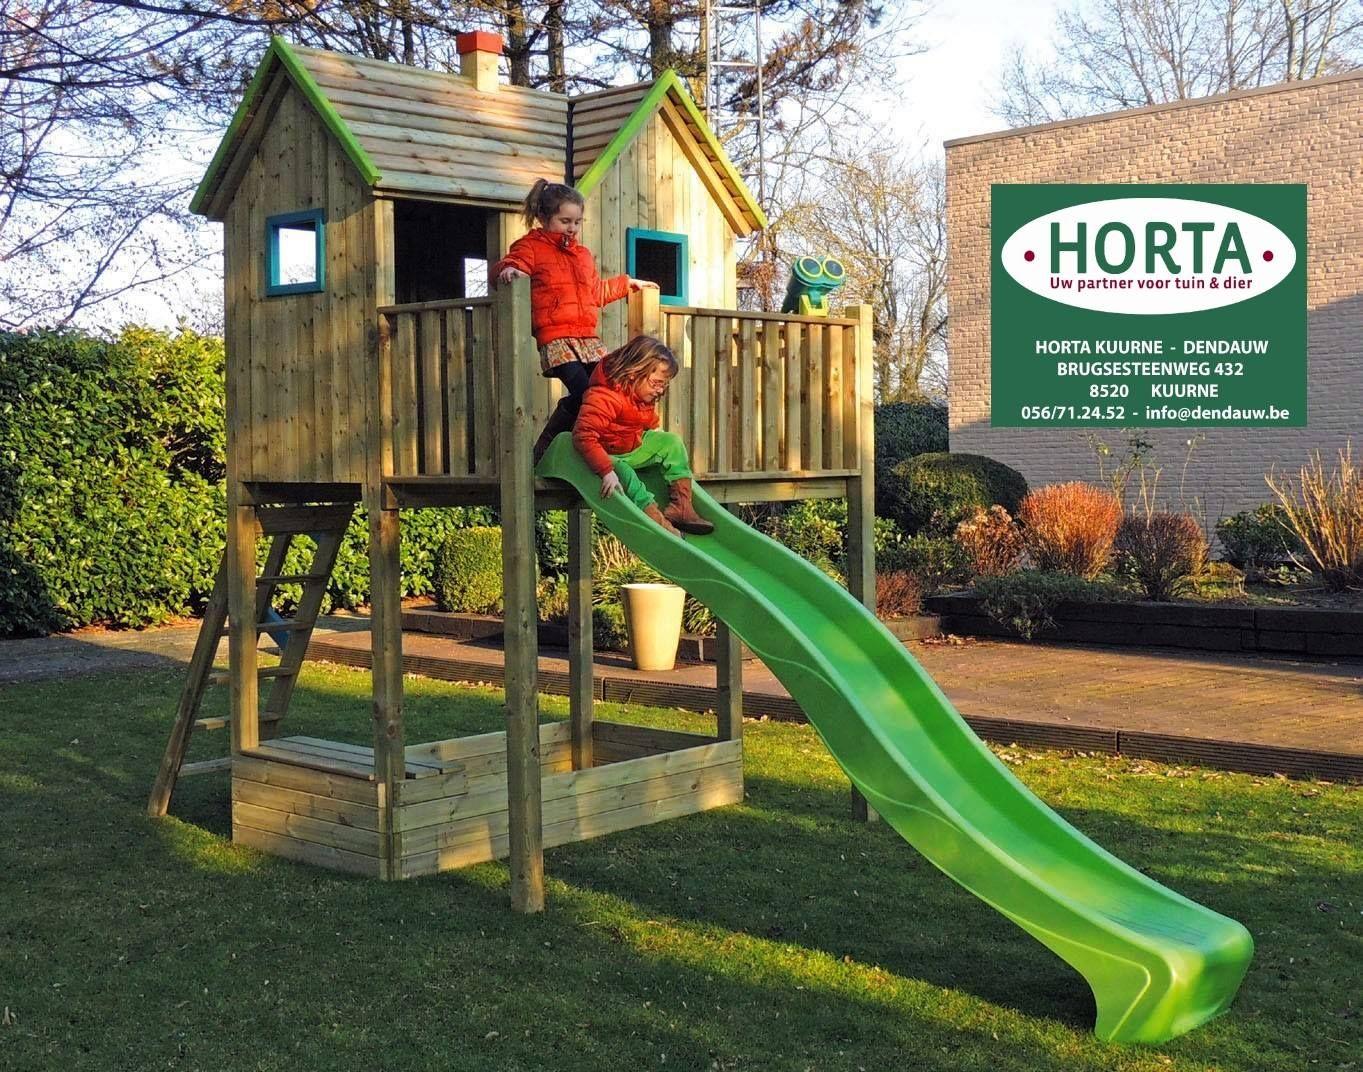 Maak van je  #tuin  een  #kinderparadijs    met #veilige  #houten  #speeltuigen Niets is leuker voor je #kinderen dan urenlang in ...